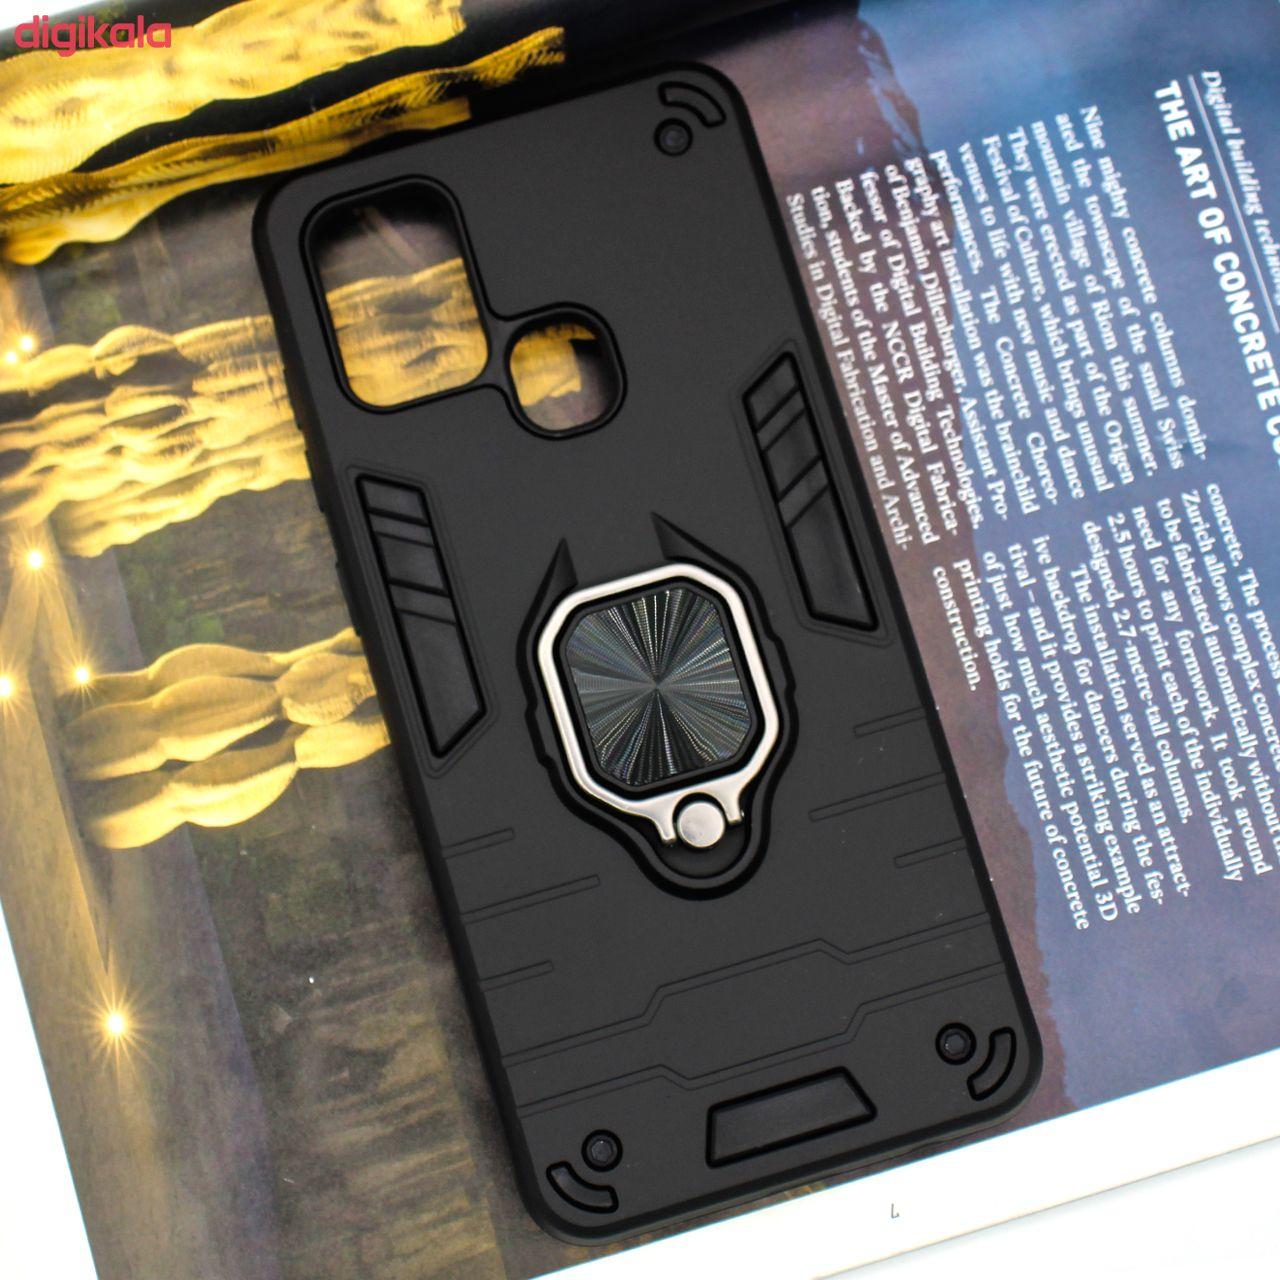 کاور کینگ پاور مدل ASH22 مناسب برای گوشی موبایل سامسونگ Galaxy A21S main 1 6